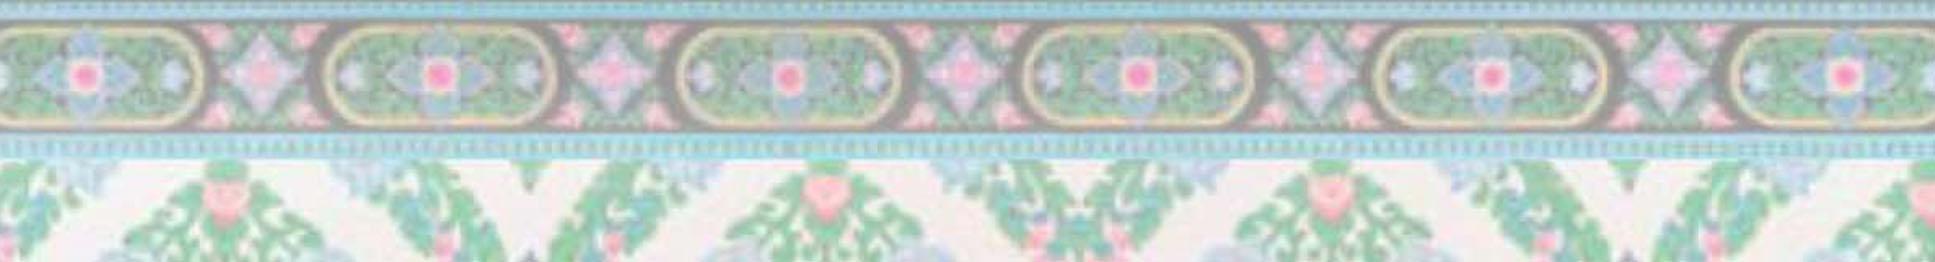 Twee balken met ornamenten in groen, roze, blauw